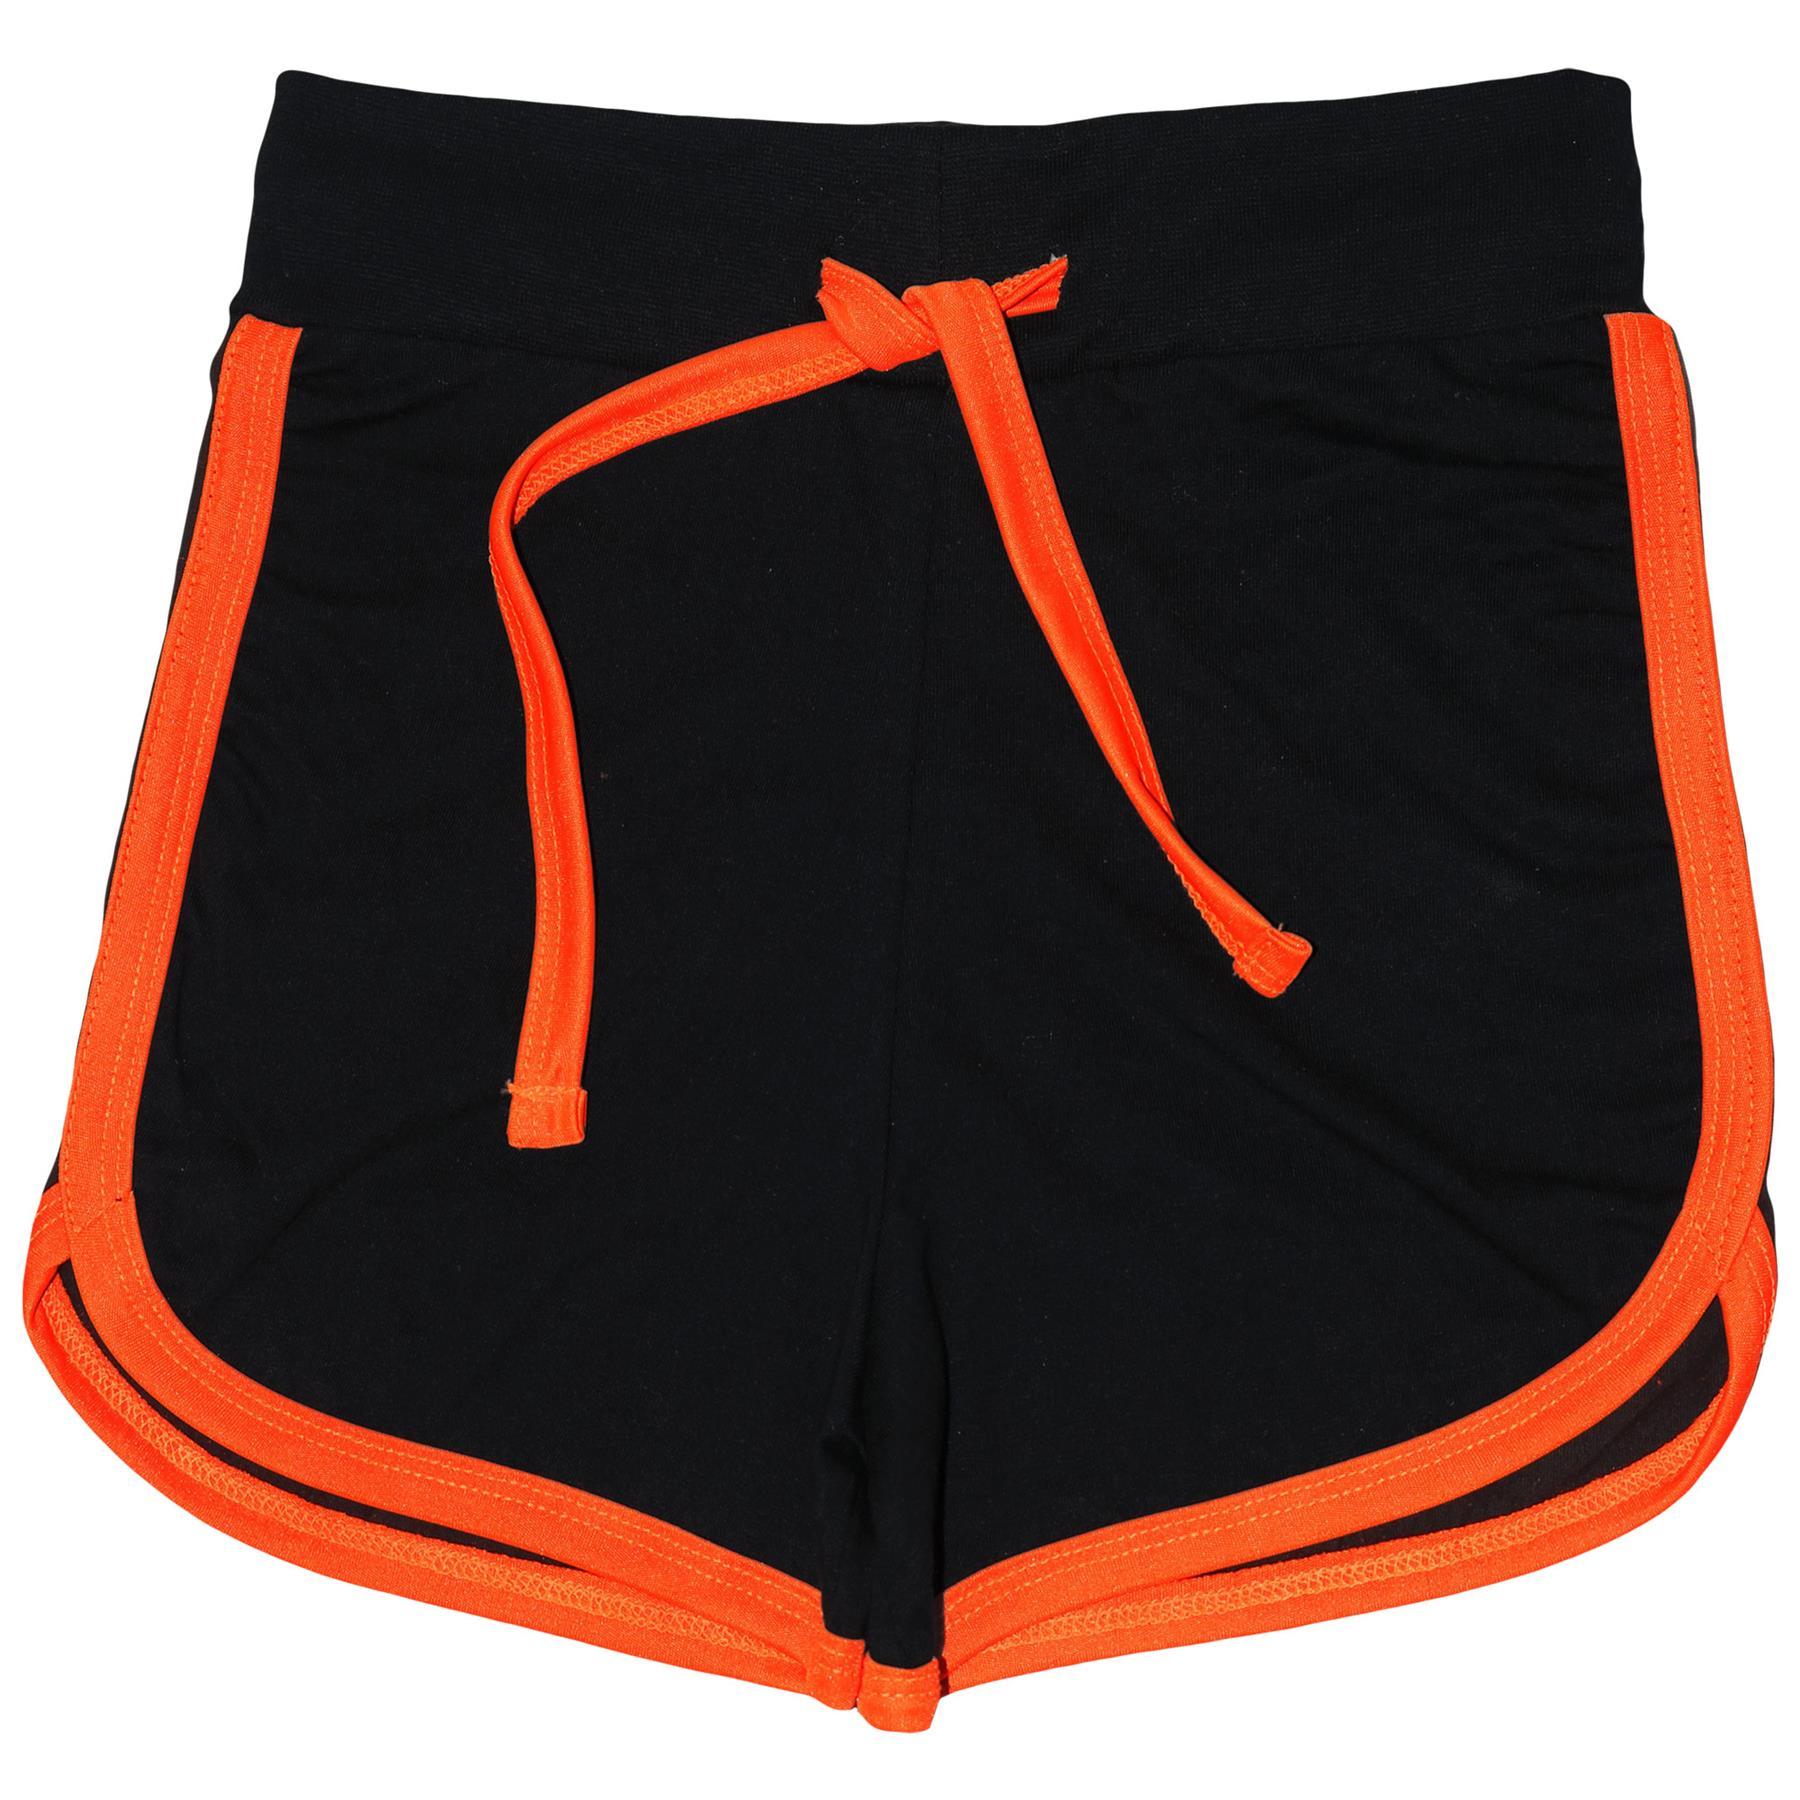 Hougood Enfants Danse Shorts Ballet Gymnastique Pantalon Chaud Entra/înement Sport Yoga Fitness Gym Couleur unie Hot Pants